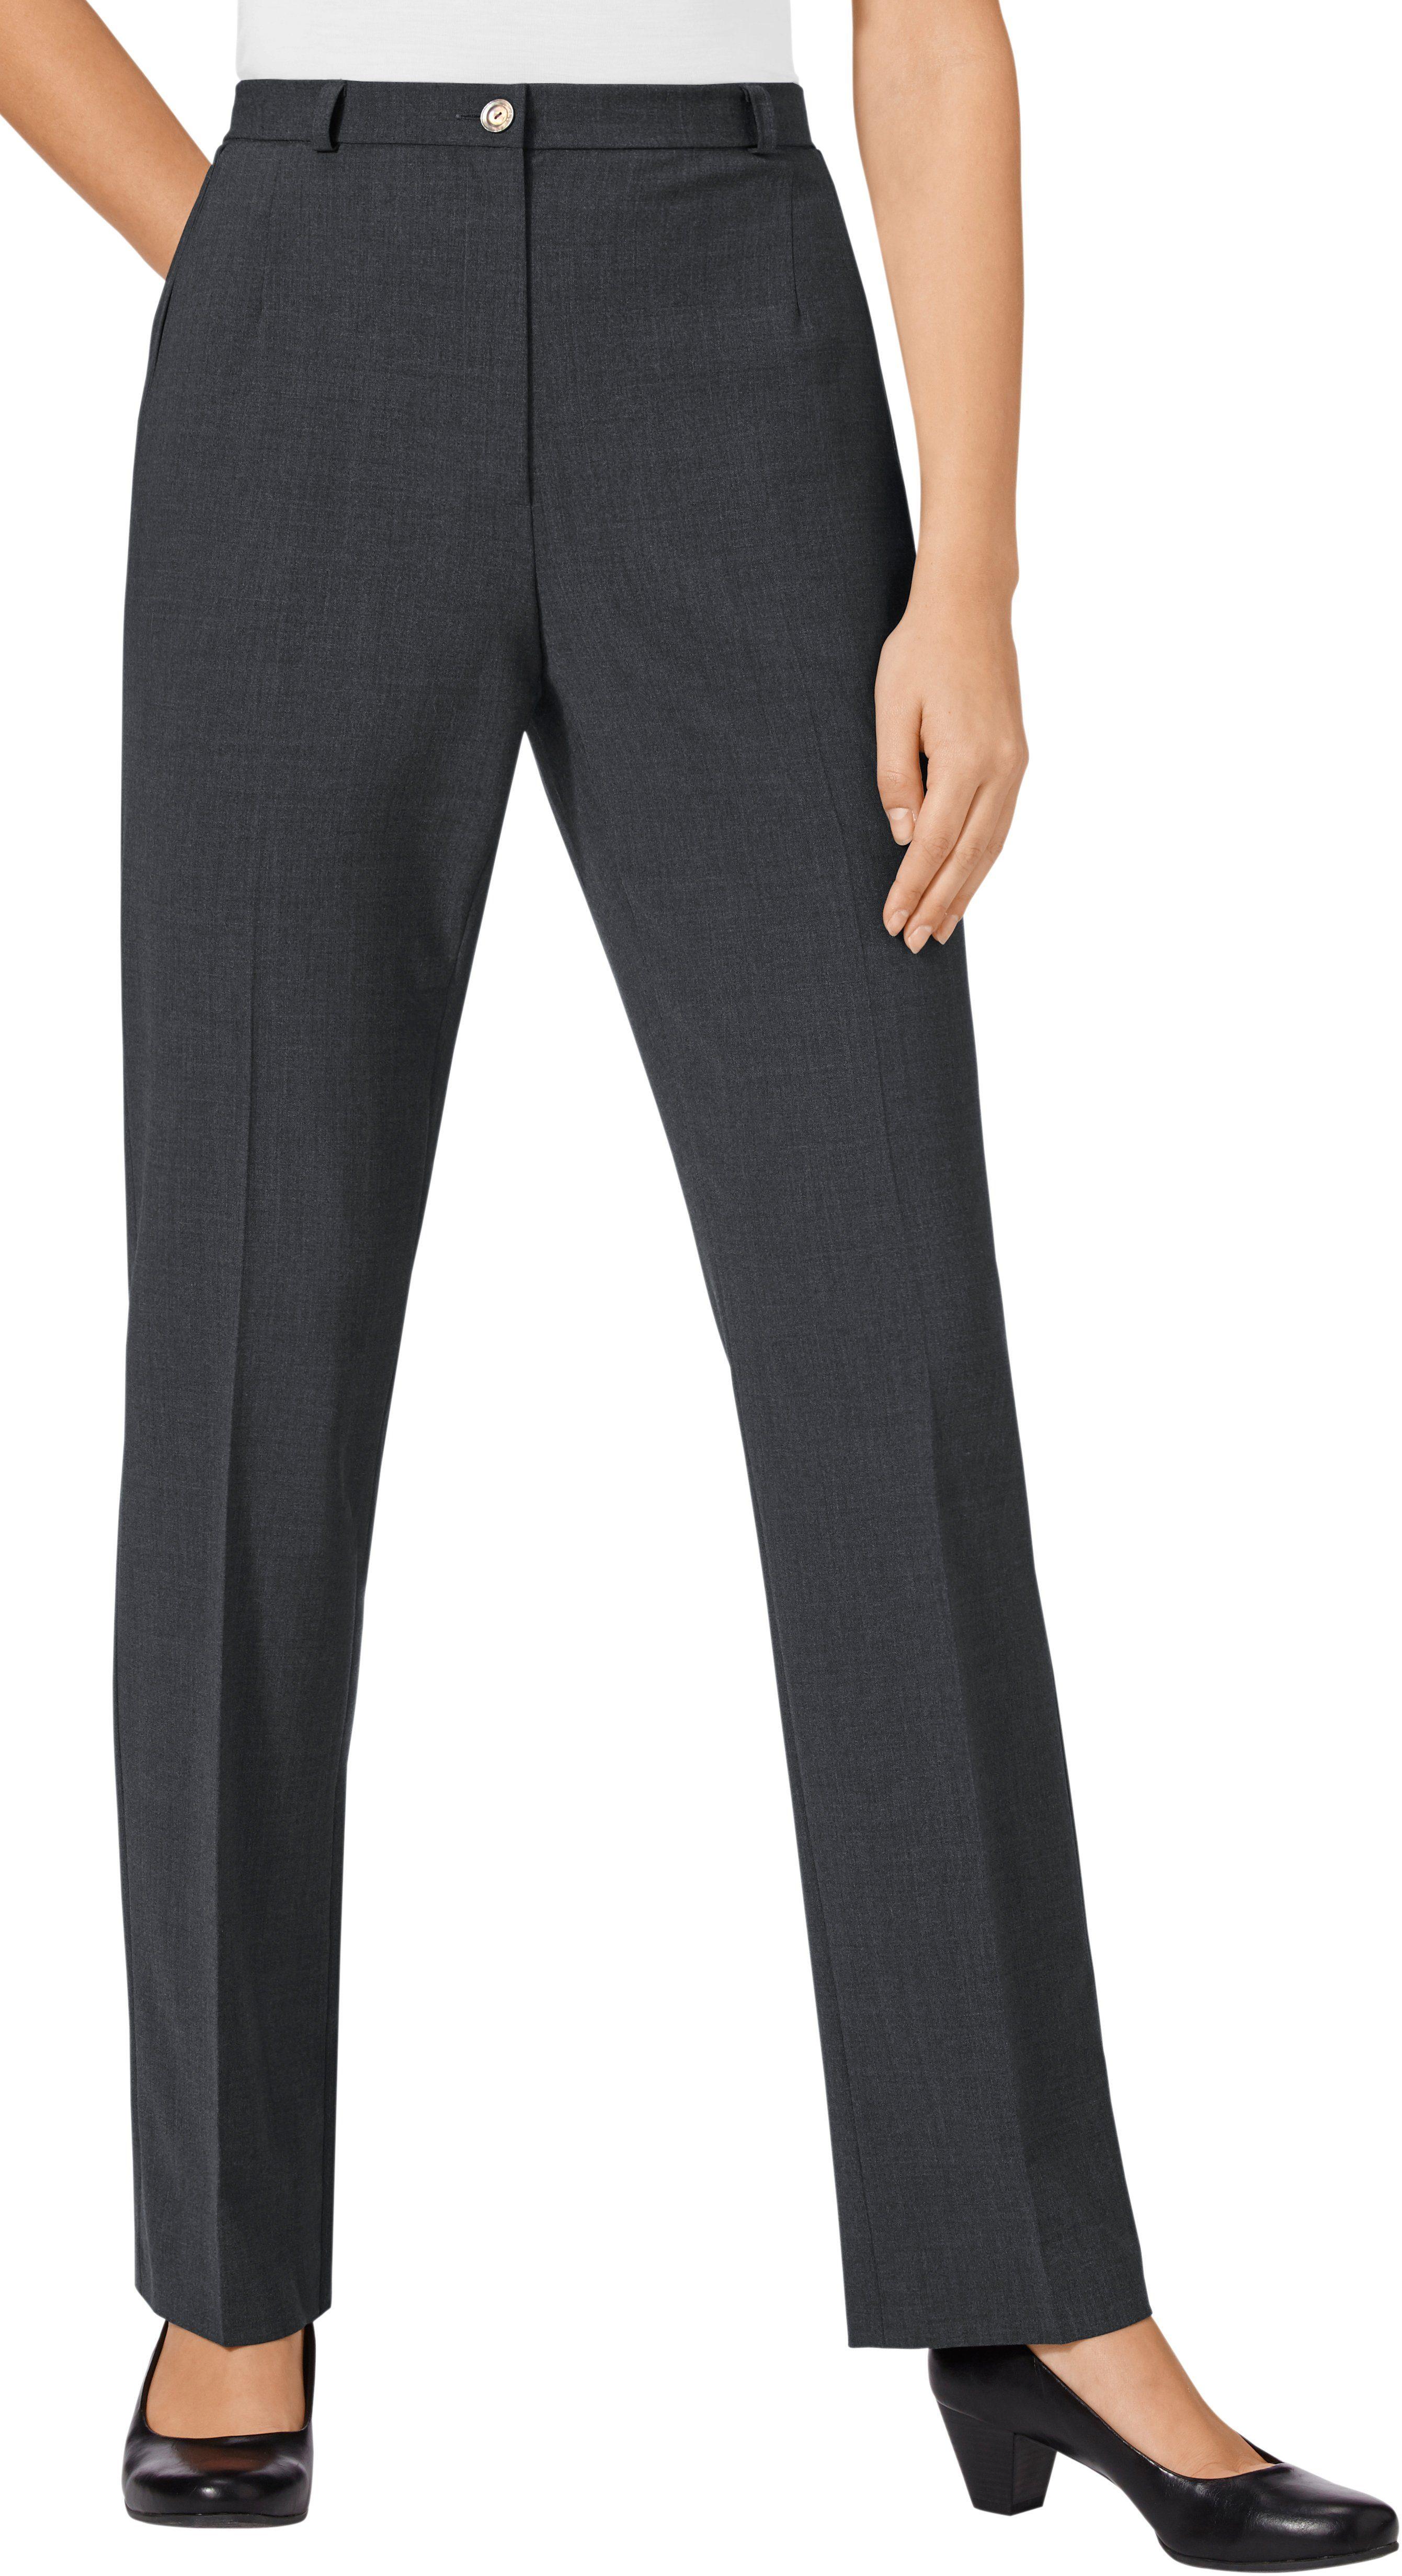 Classic Hose im hochwertigen Materialmix mit Schurwolle